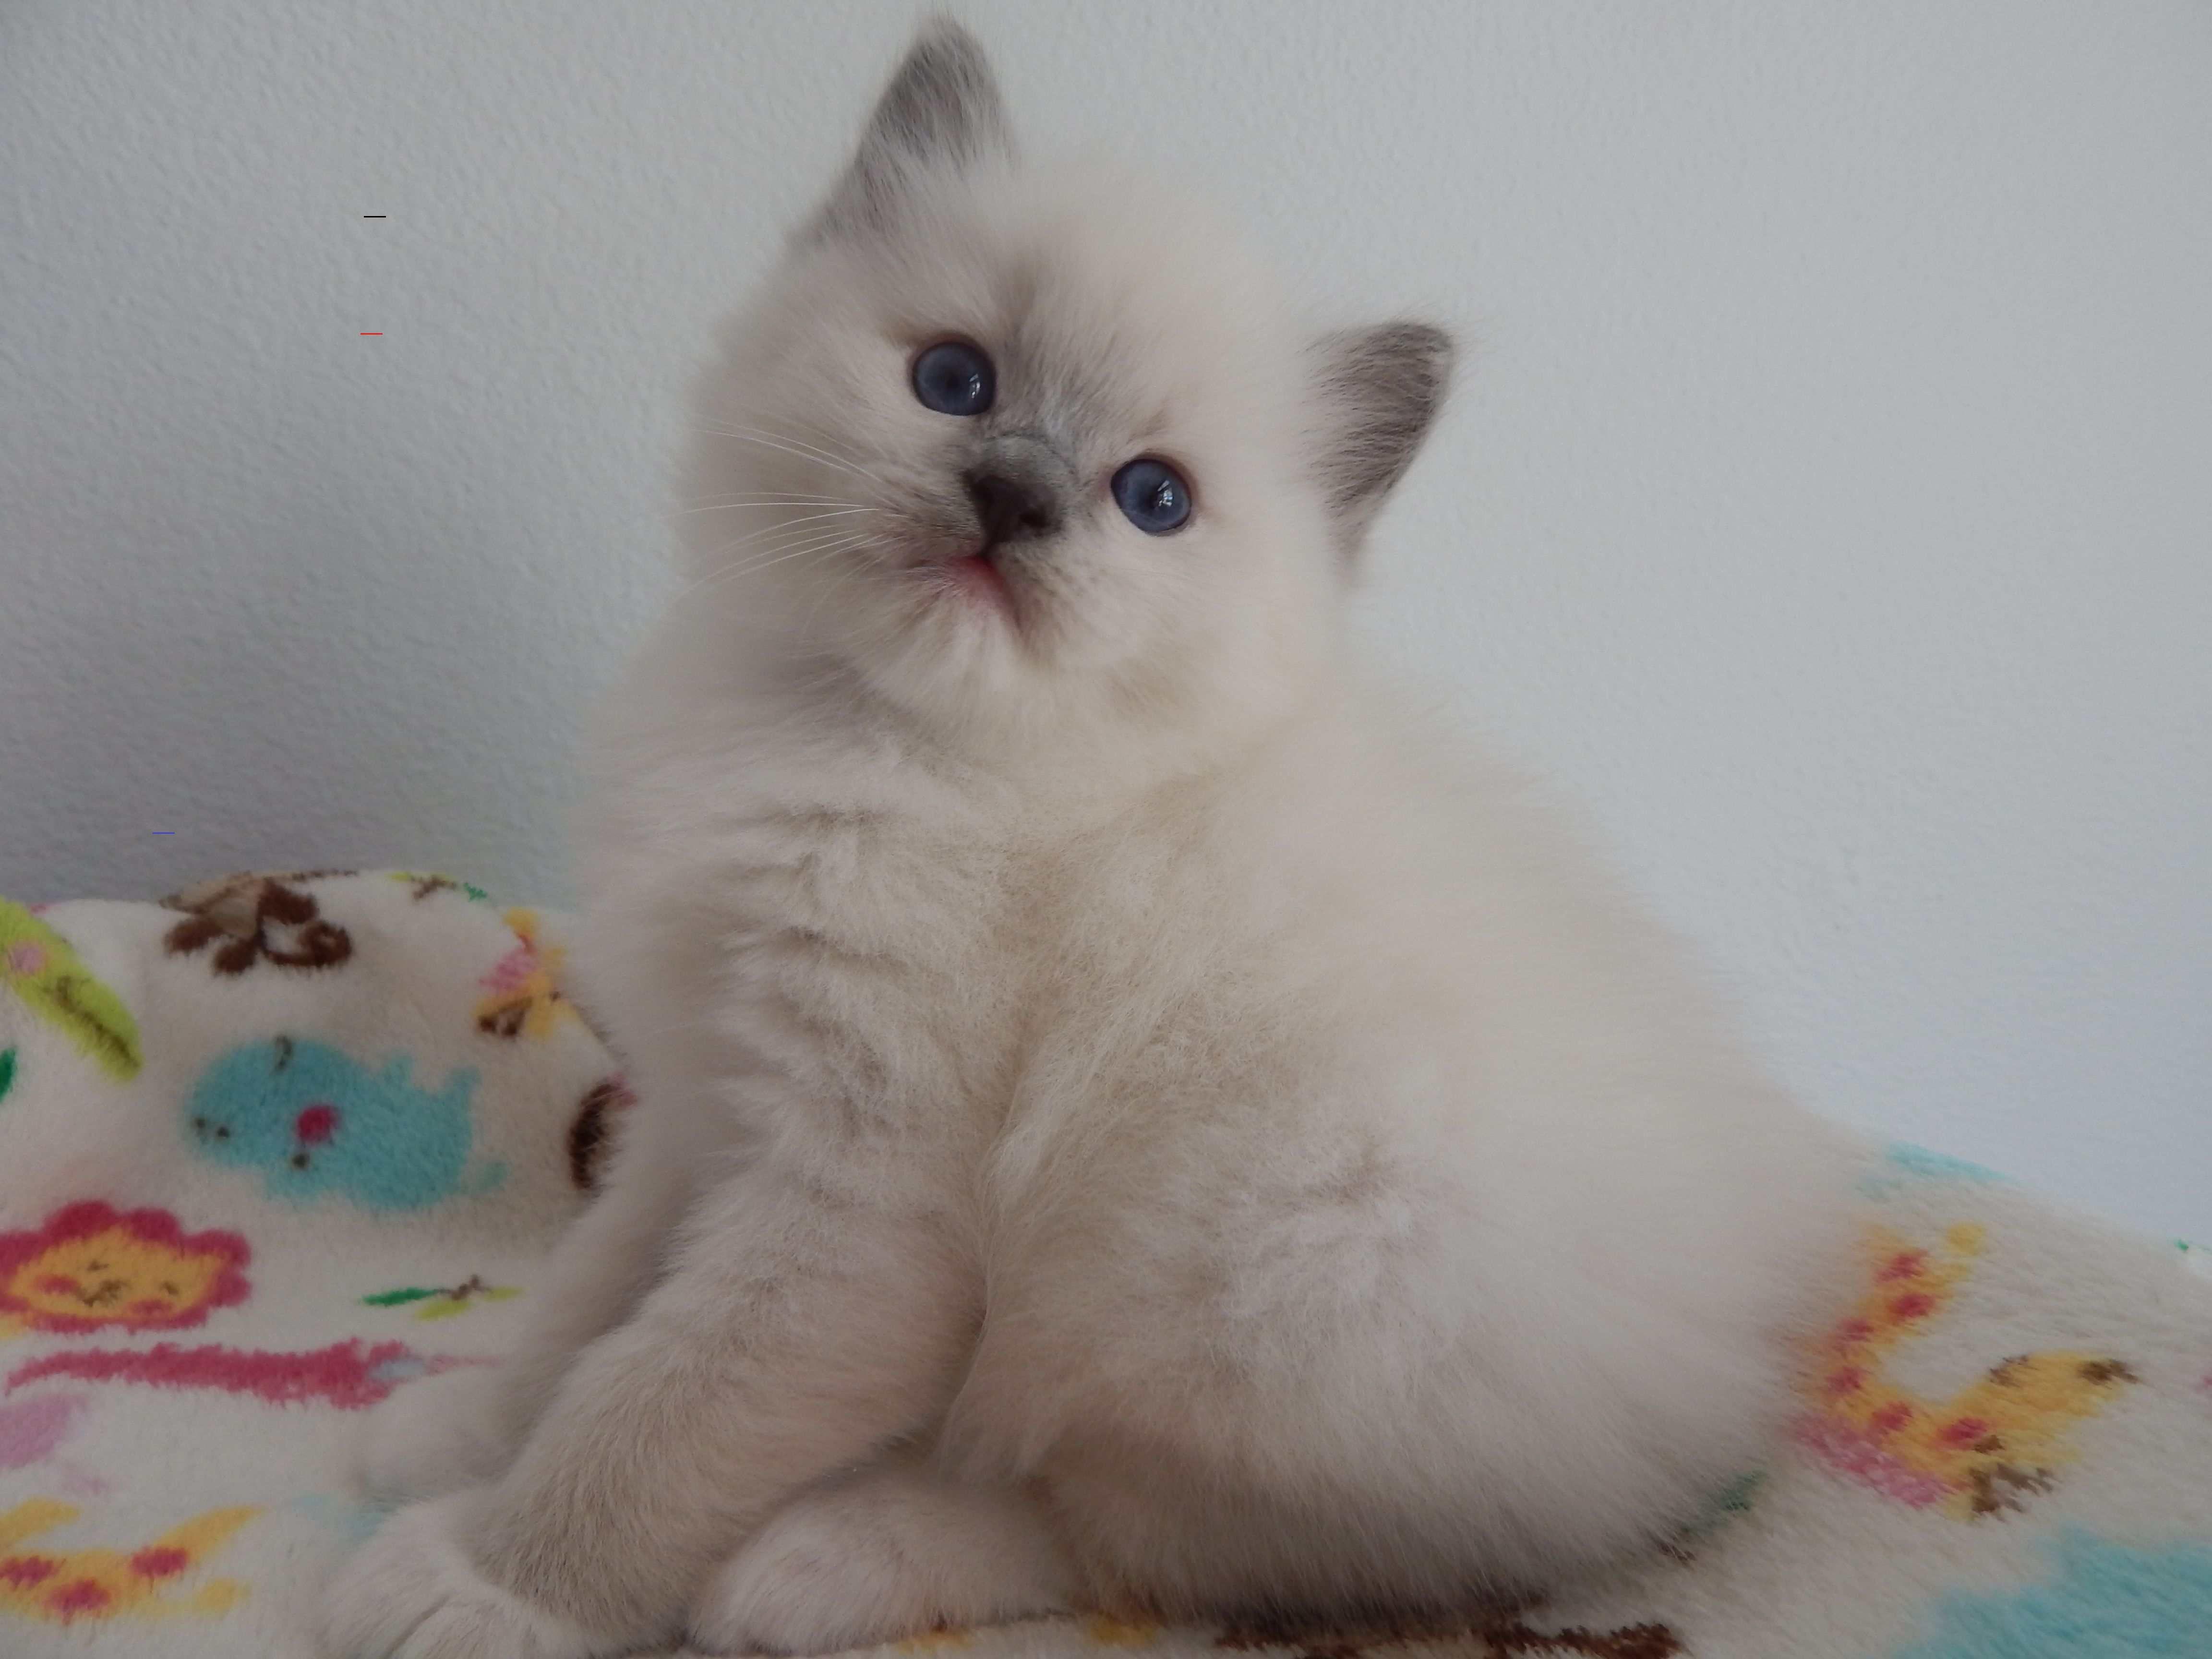 Ragdollkittens In 2020 Ragdoll Kitten Ragdoll Cattery Ragdoll Kittens For Sale